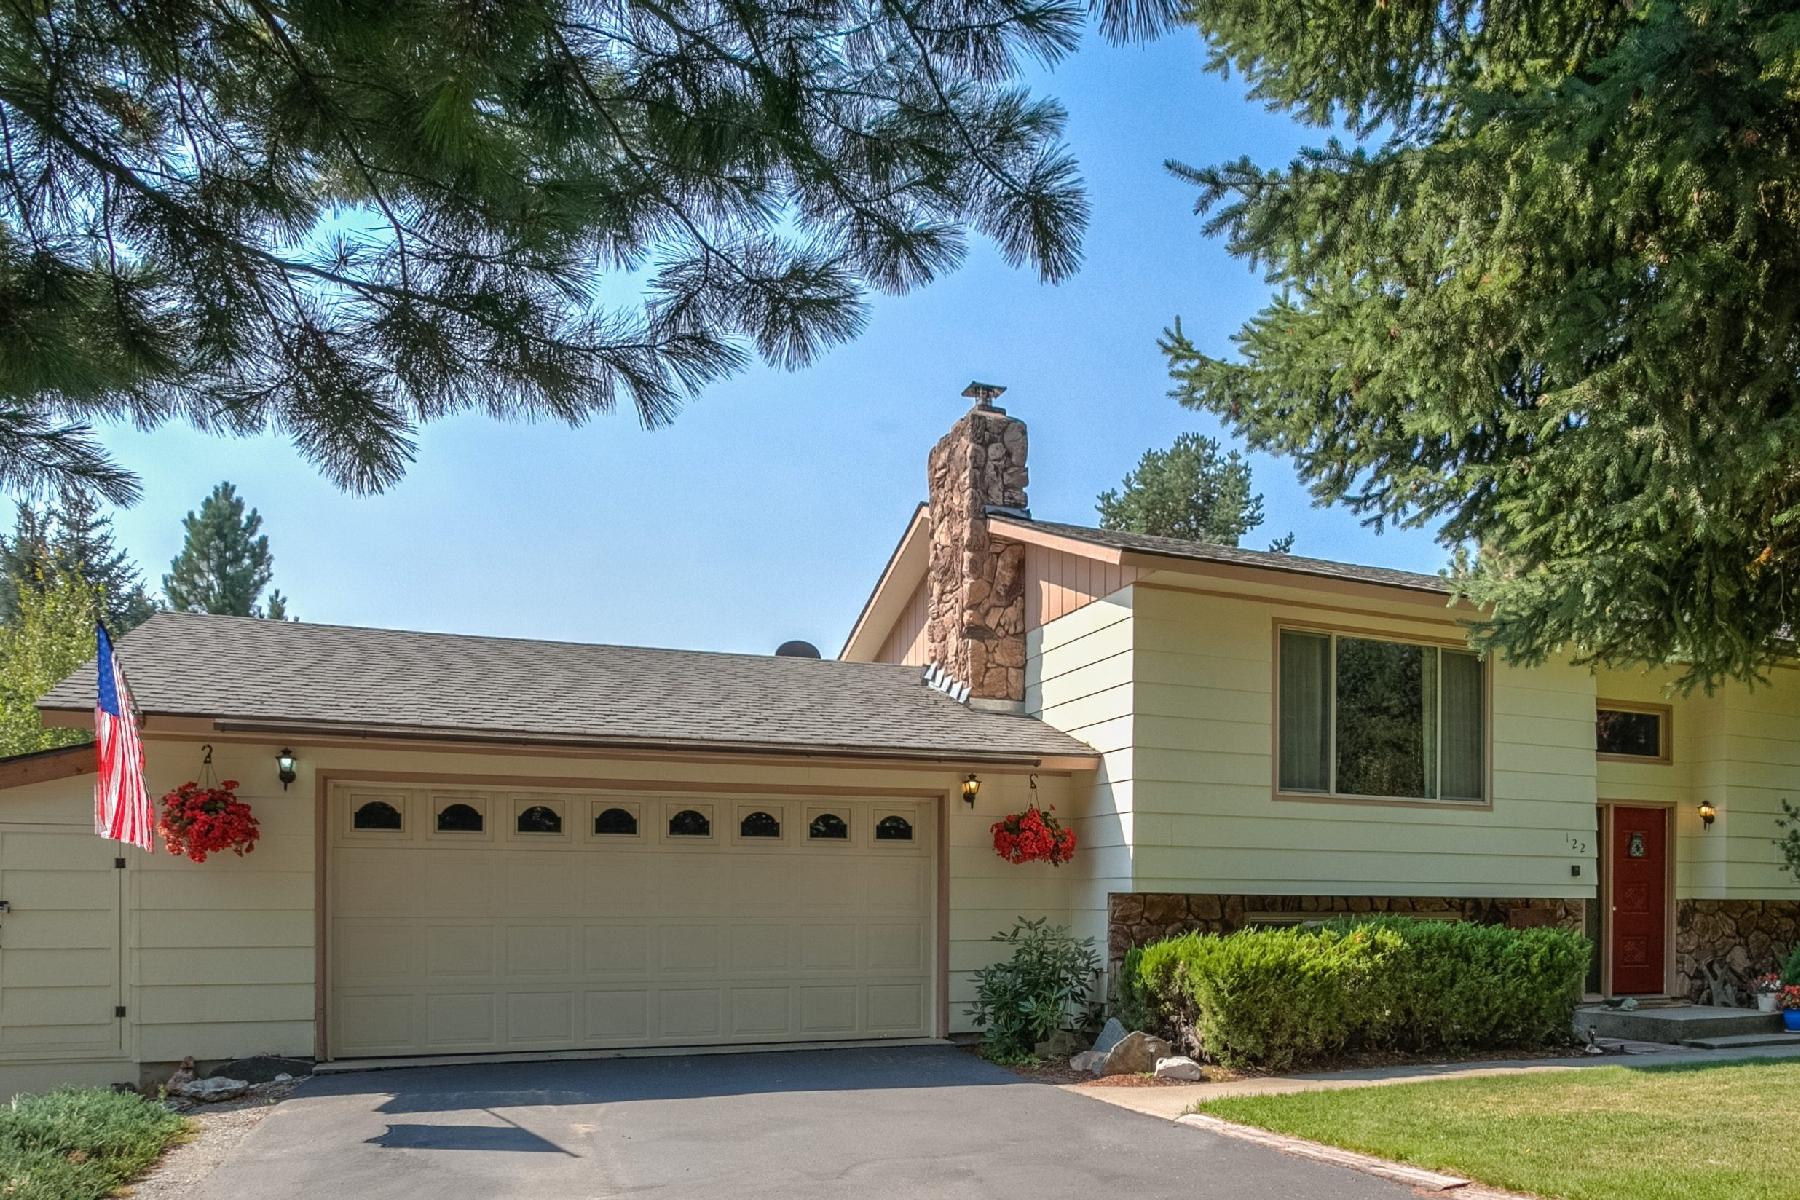 獨棟家庭住宅 為 出售 在 Gardeners delight 122 E. Circle Newport, 華盛頓州 99156 美國